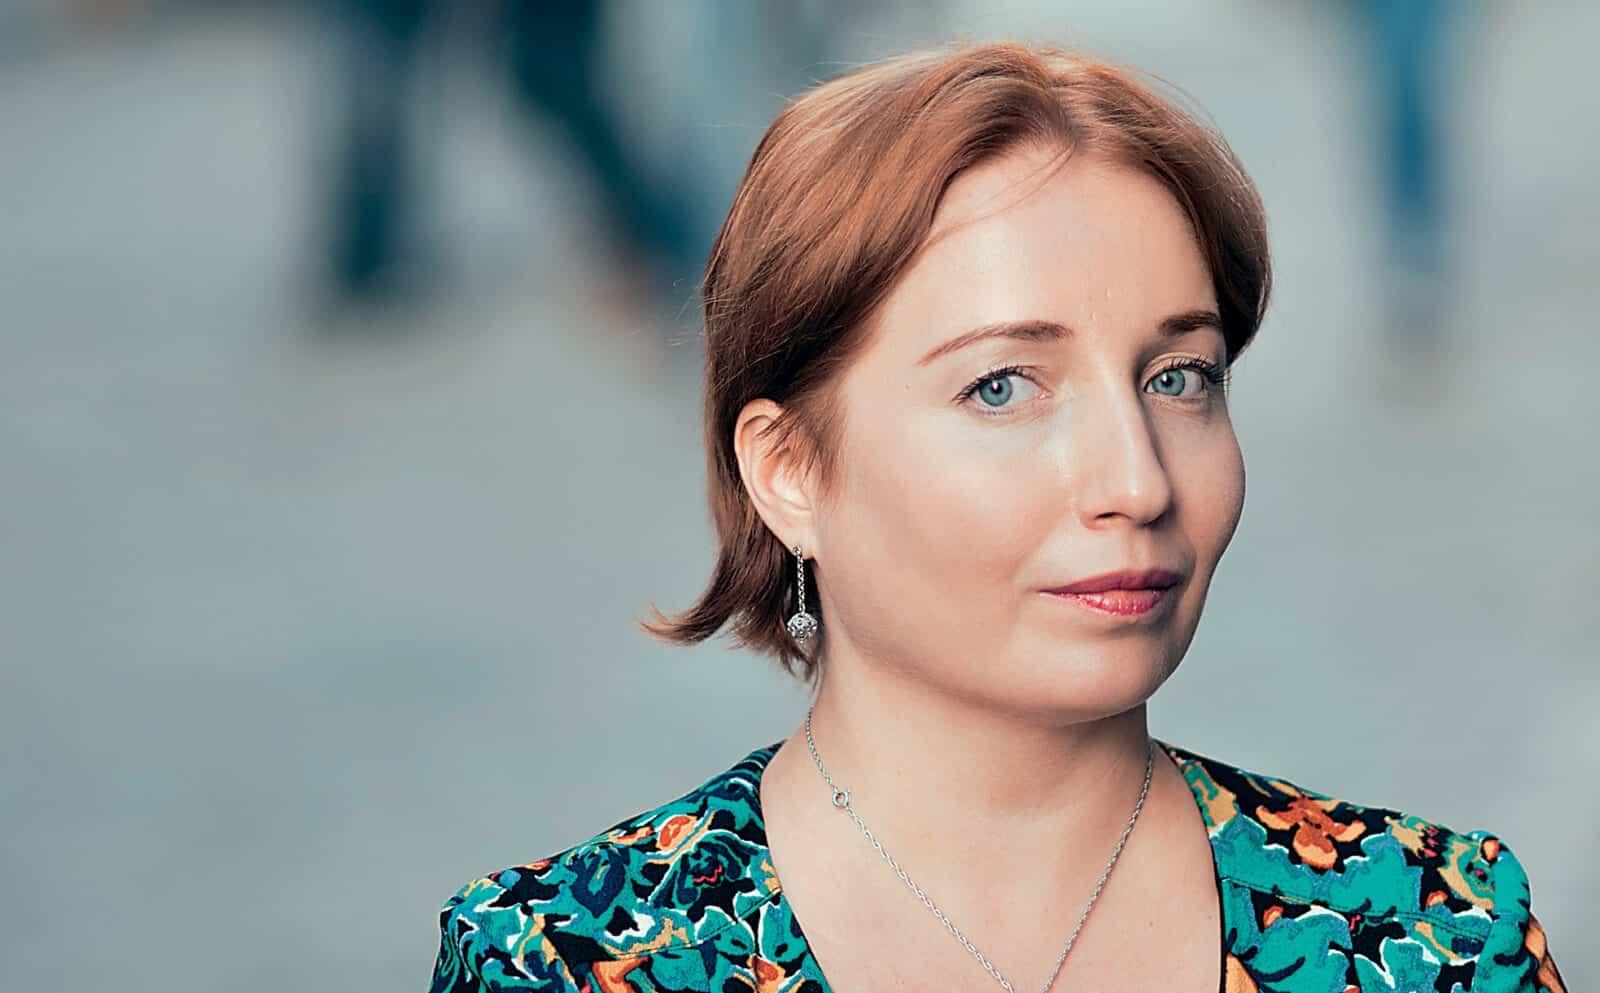 Катерина Калитко: «Зімною примус непрацює— янеламаюся»